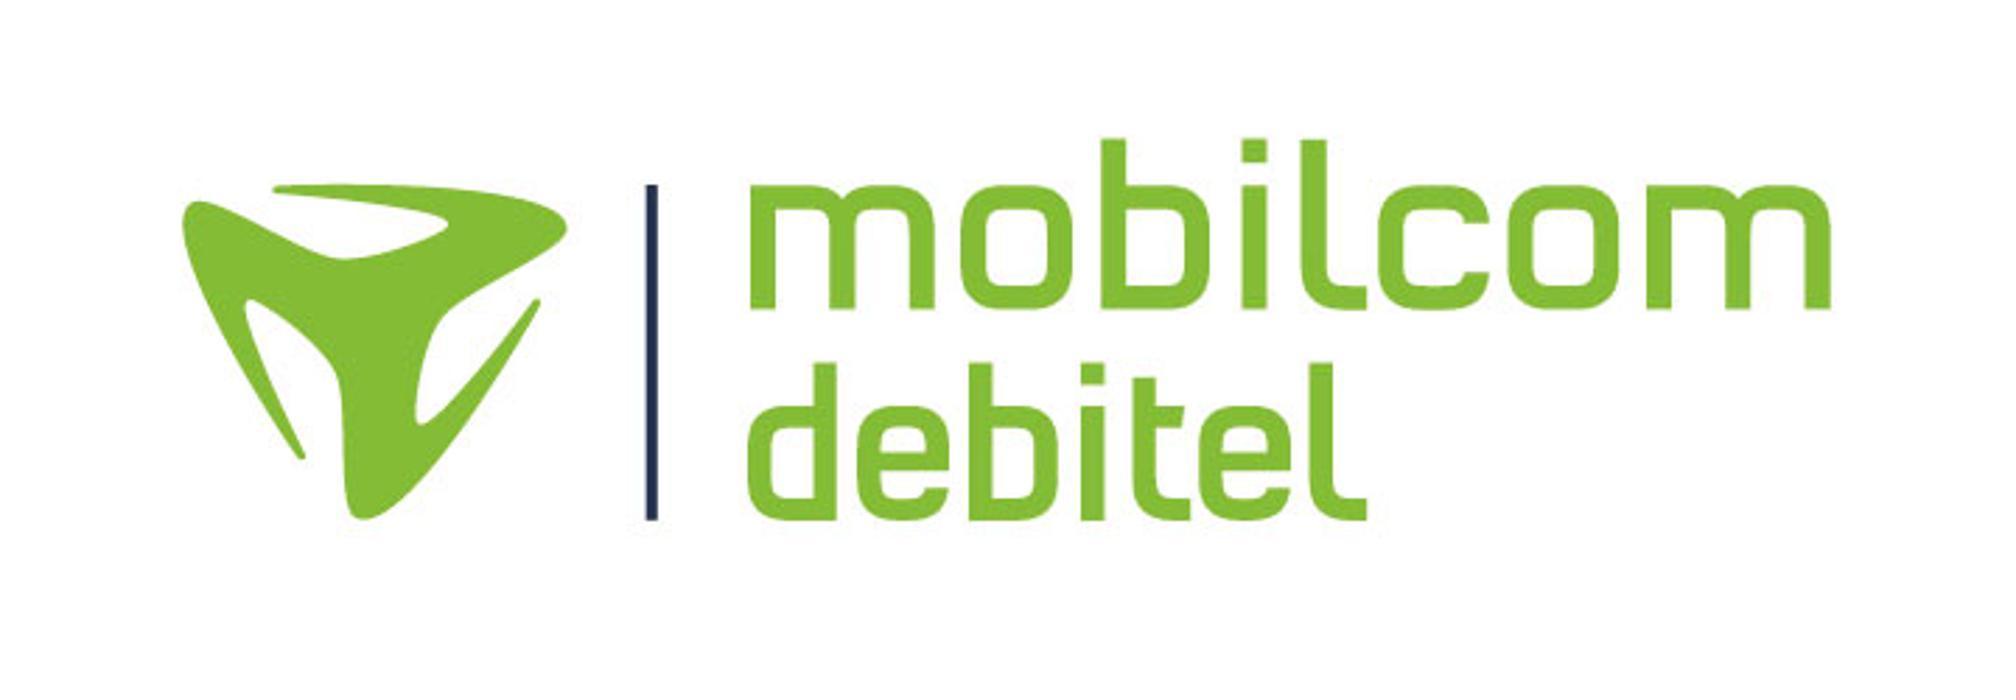 mobilcom-debitel, Breite Straße in Lübeck